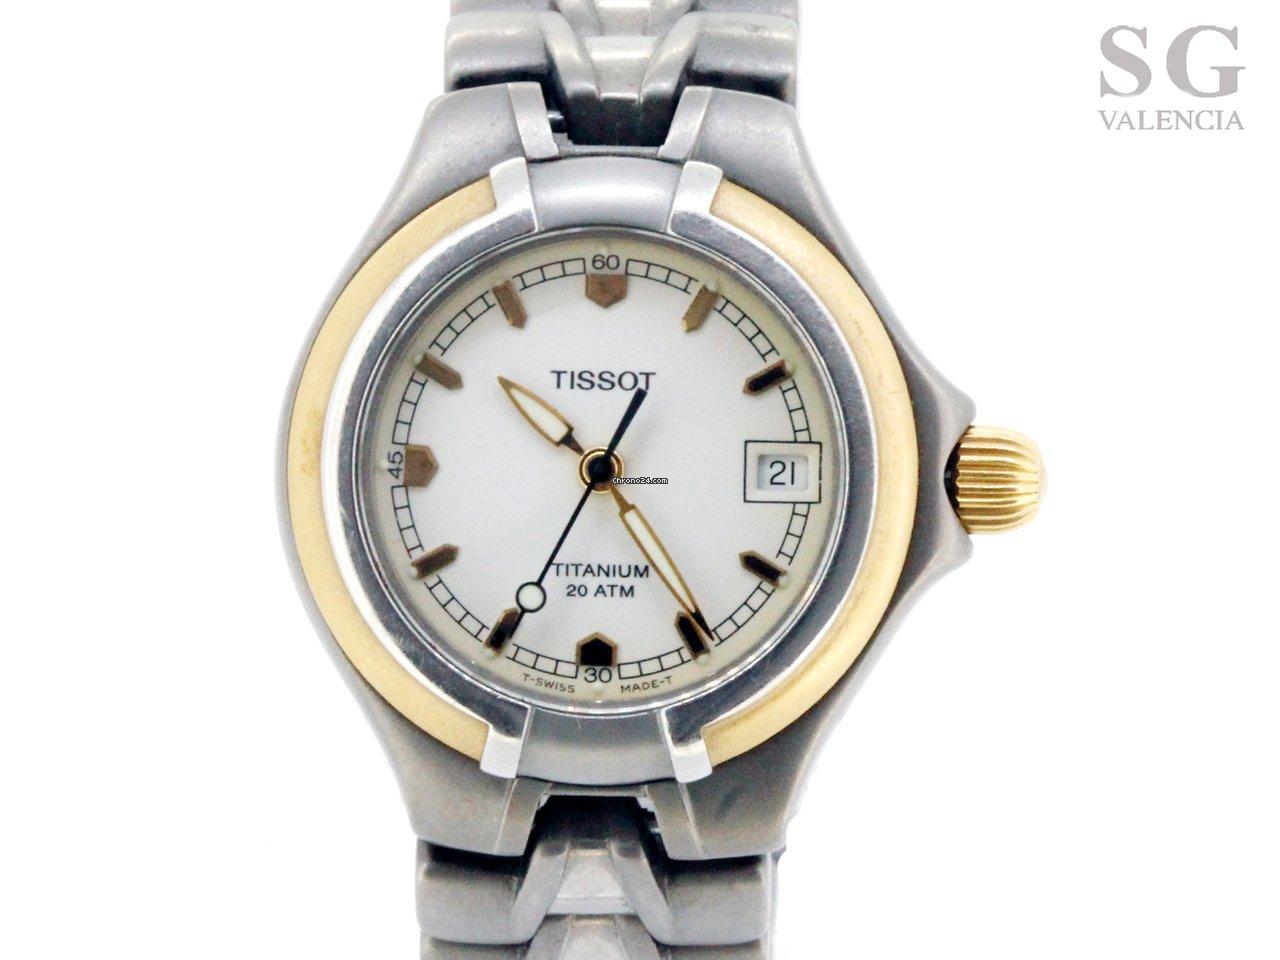 c01587f18465 Relojes Tissot de segunda mano - Compare el precio de los relojes Tissot